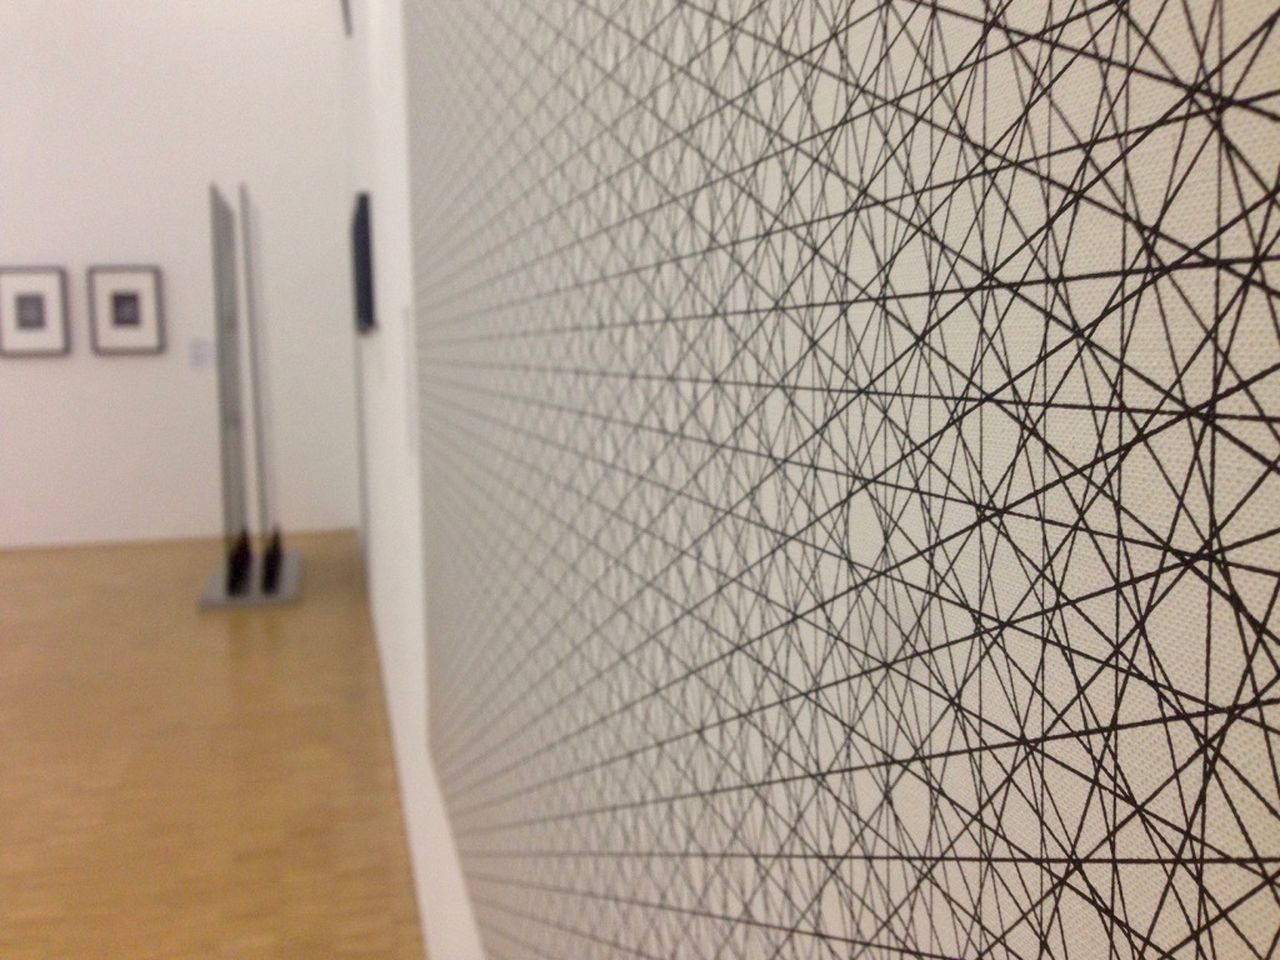 François Morellet Centre Georges Pompidou Centregeorgespompidou Centrepompidou Francois Morellet Paris Paris Je T'aime Paris, France  Parisweloveyou